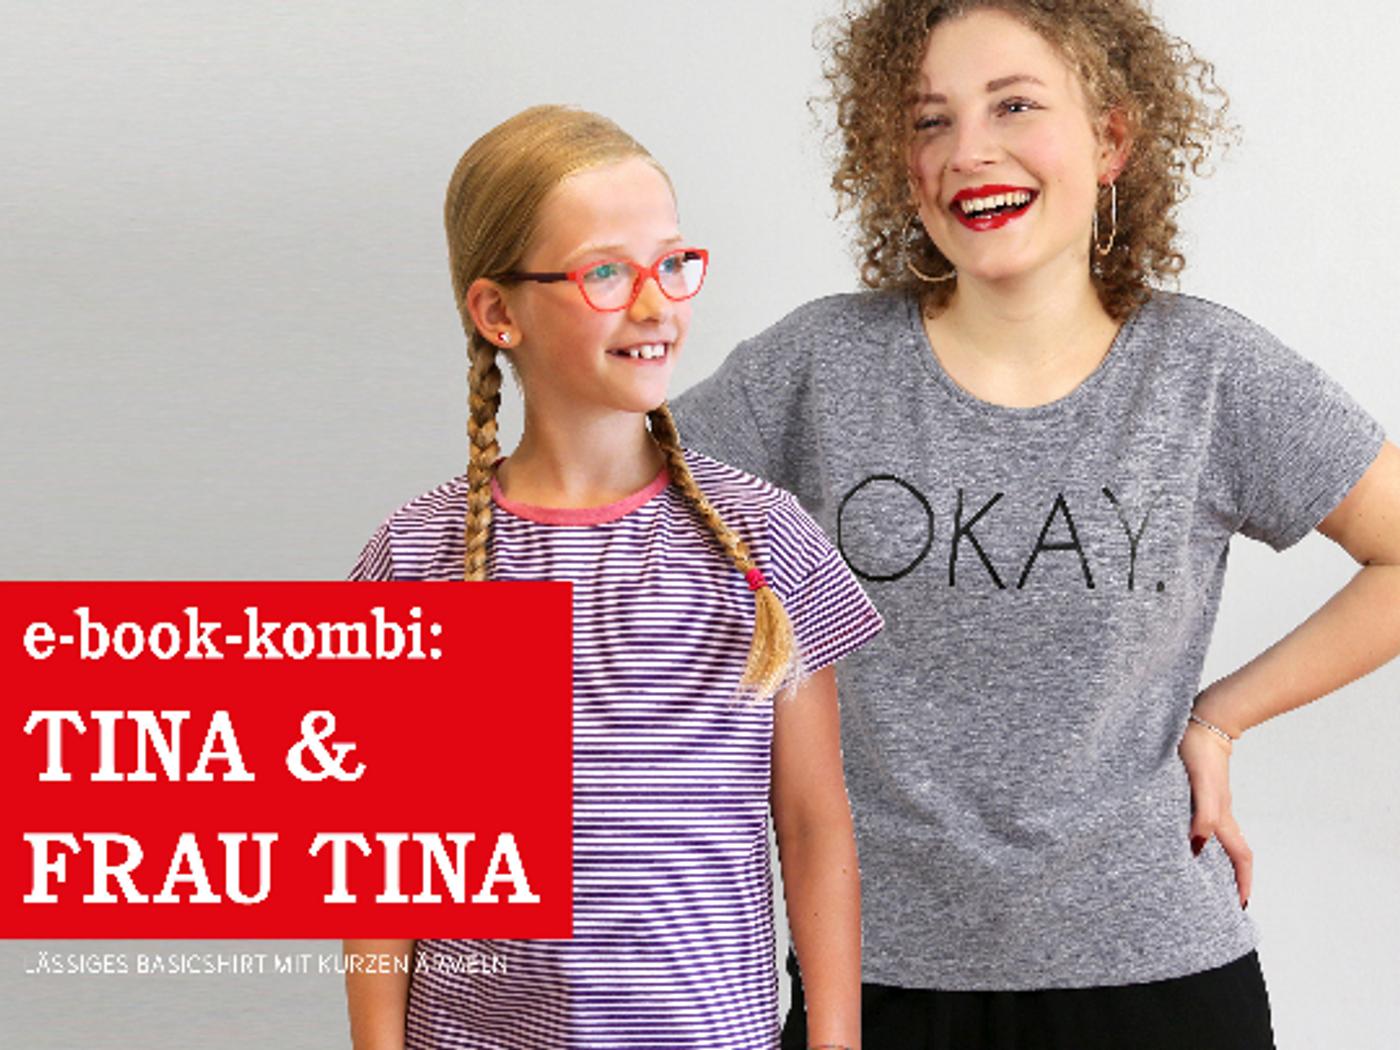 Produktfoto 1 von STUDIO SCHNITTREIF für Schnittmuster FRAU TINA & TINA  Basicshirts mit kurzen Ärmeln